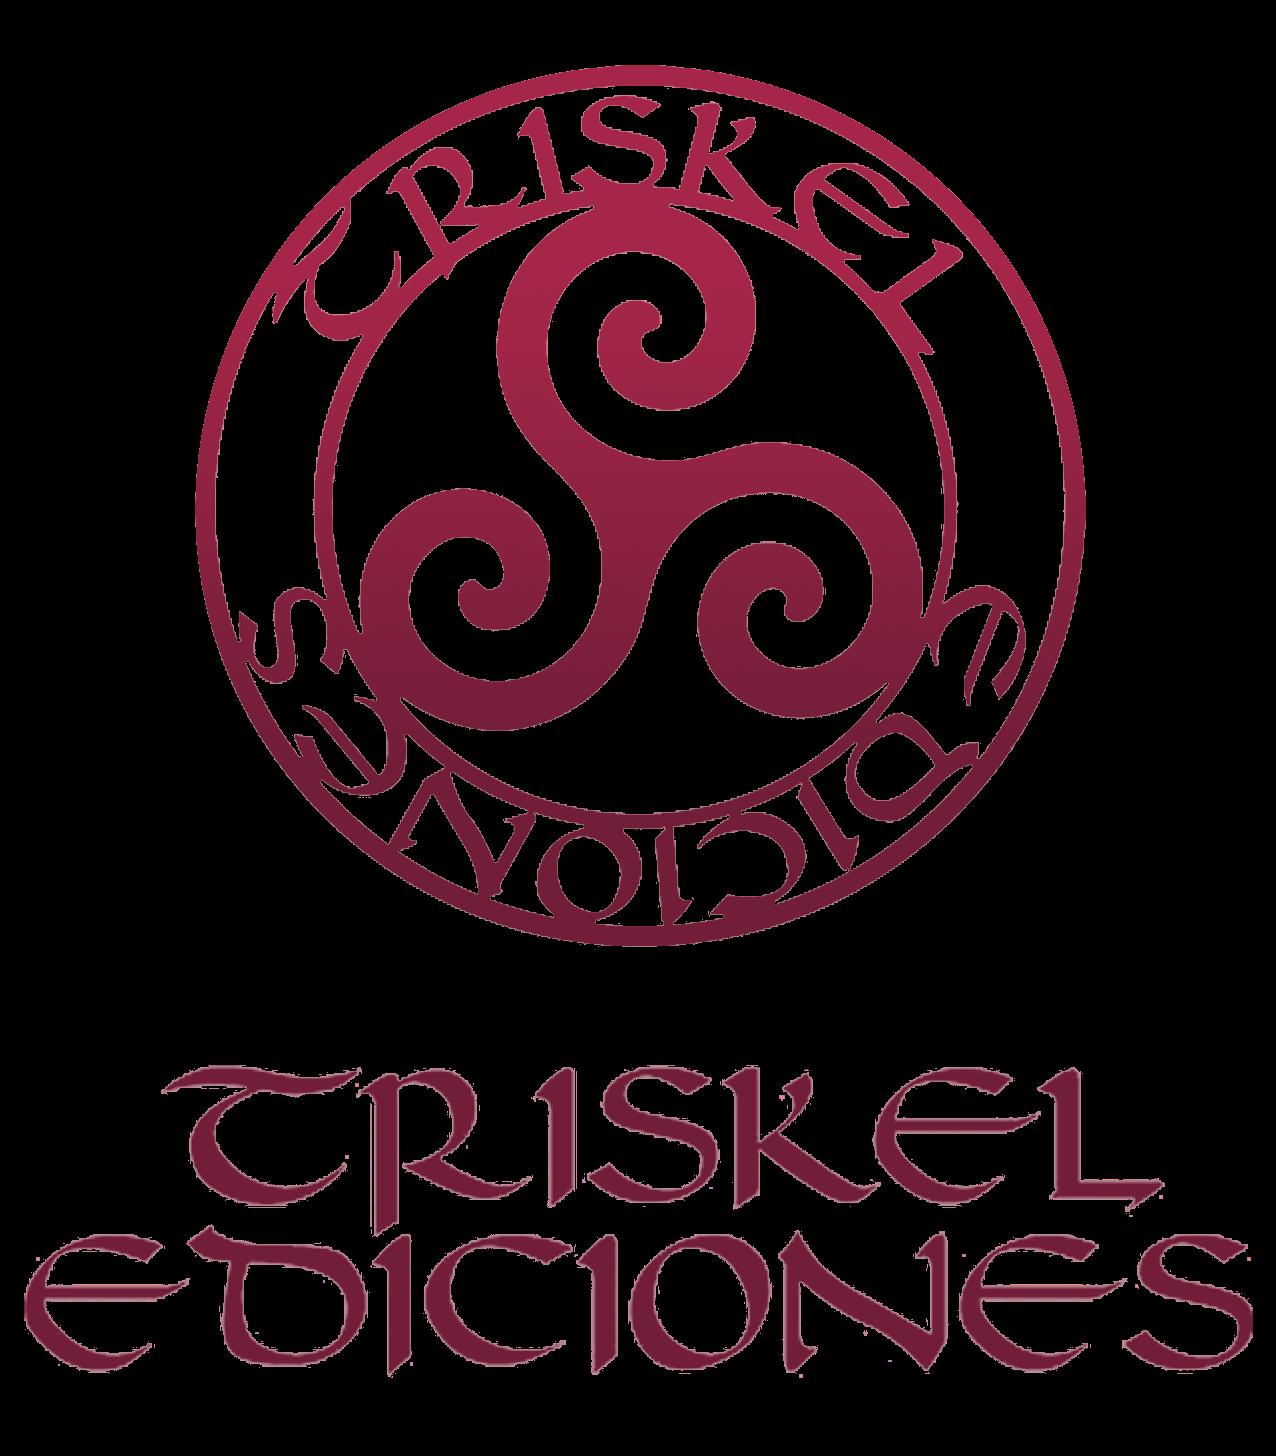 http://triskelediciones.es